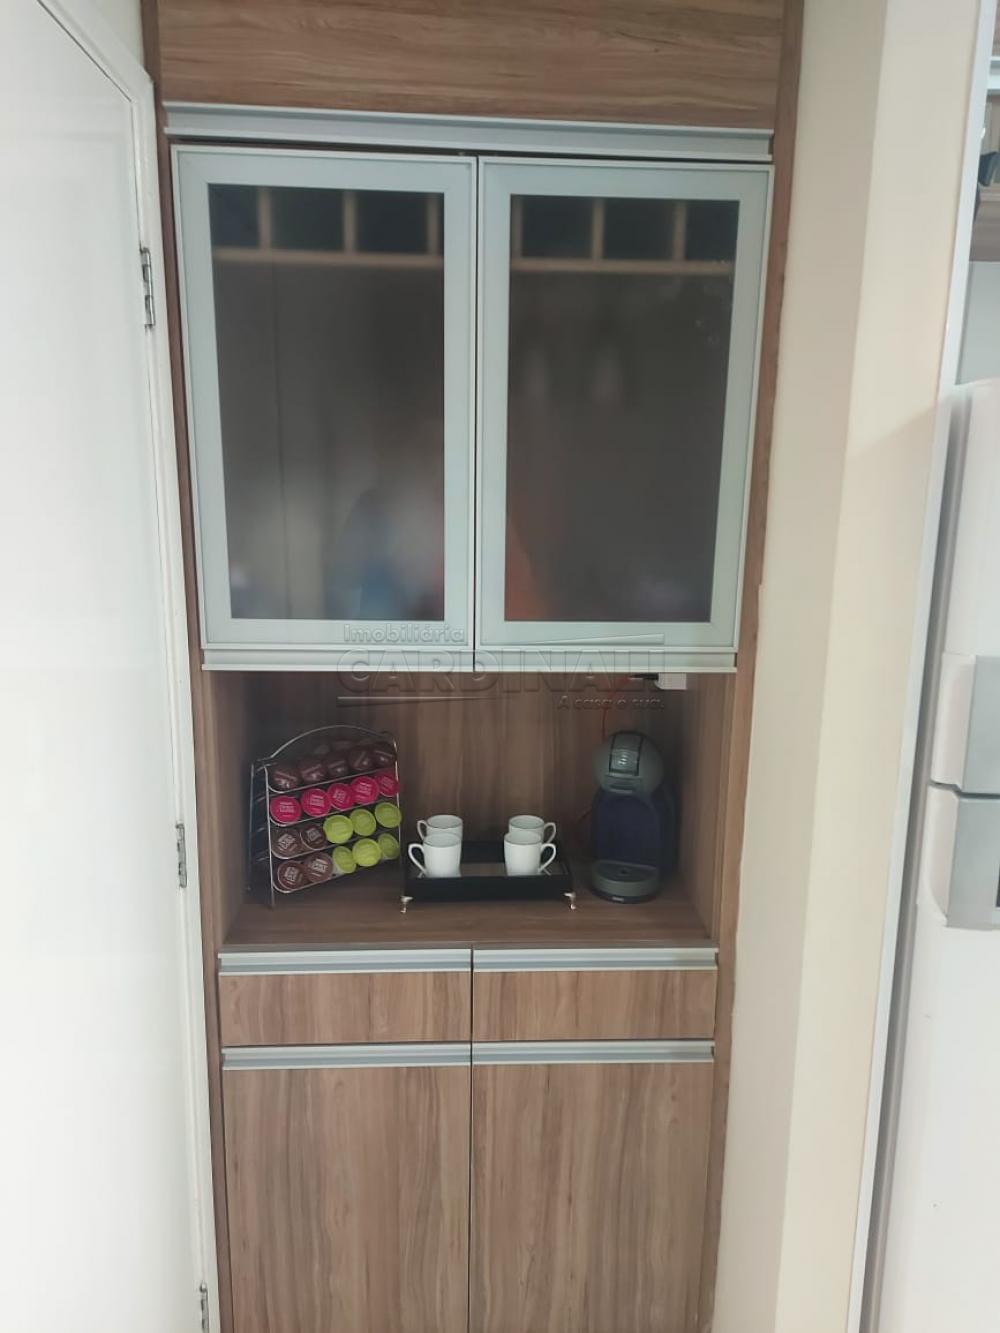 Comprar Apartamento / Padrão em São Carlos R$ 309.000,00 - Foto 12